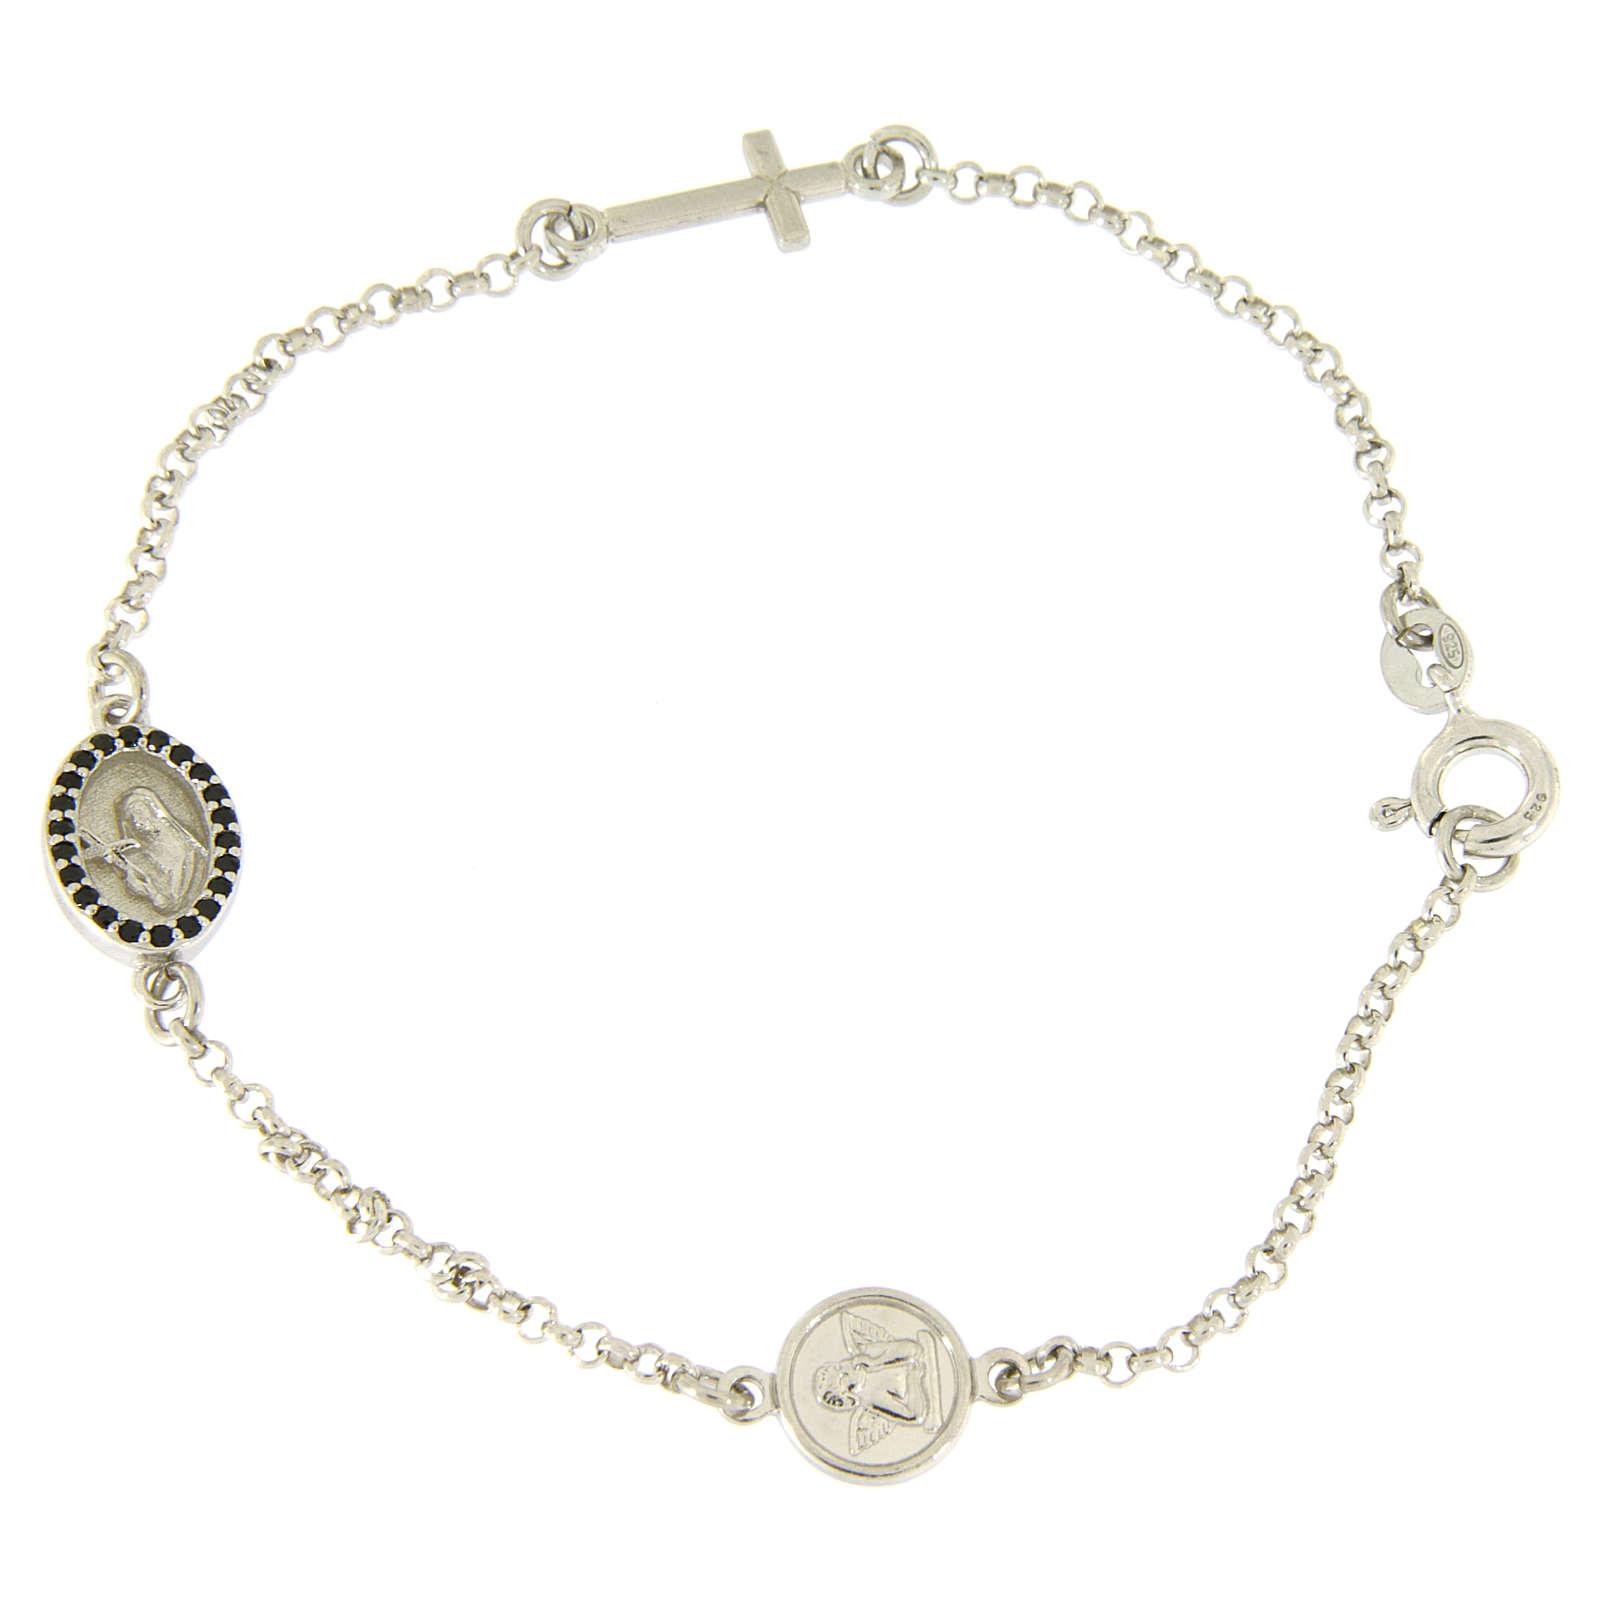 Bracelet en argent 925 croix e médaille religieuse zircons noirs 4